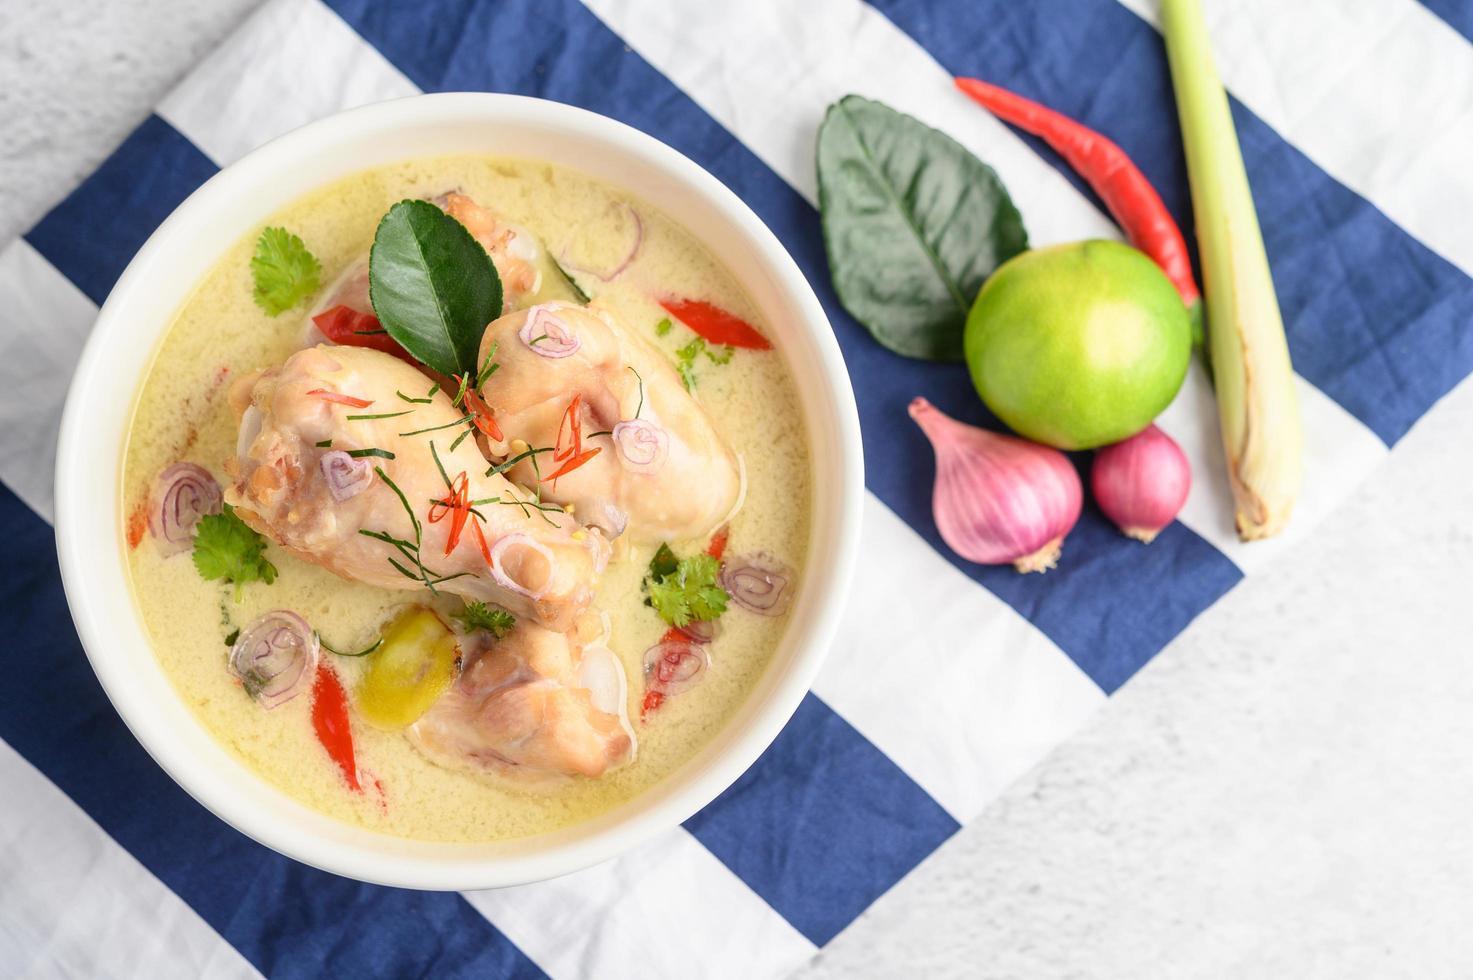 tom kha kai, thailändsk kokosnötsoppa på en blå randig trasa foto